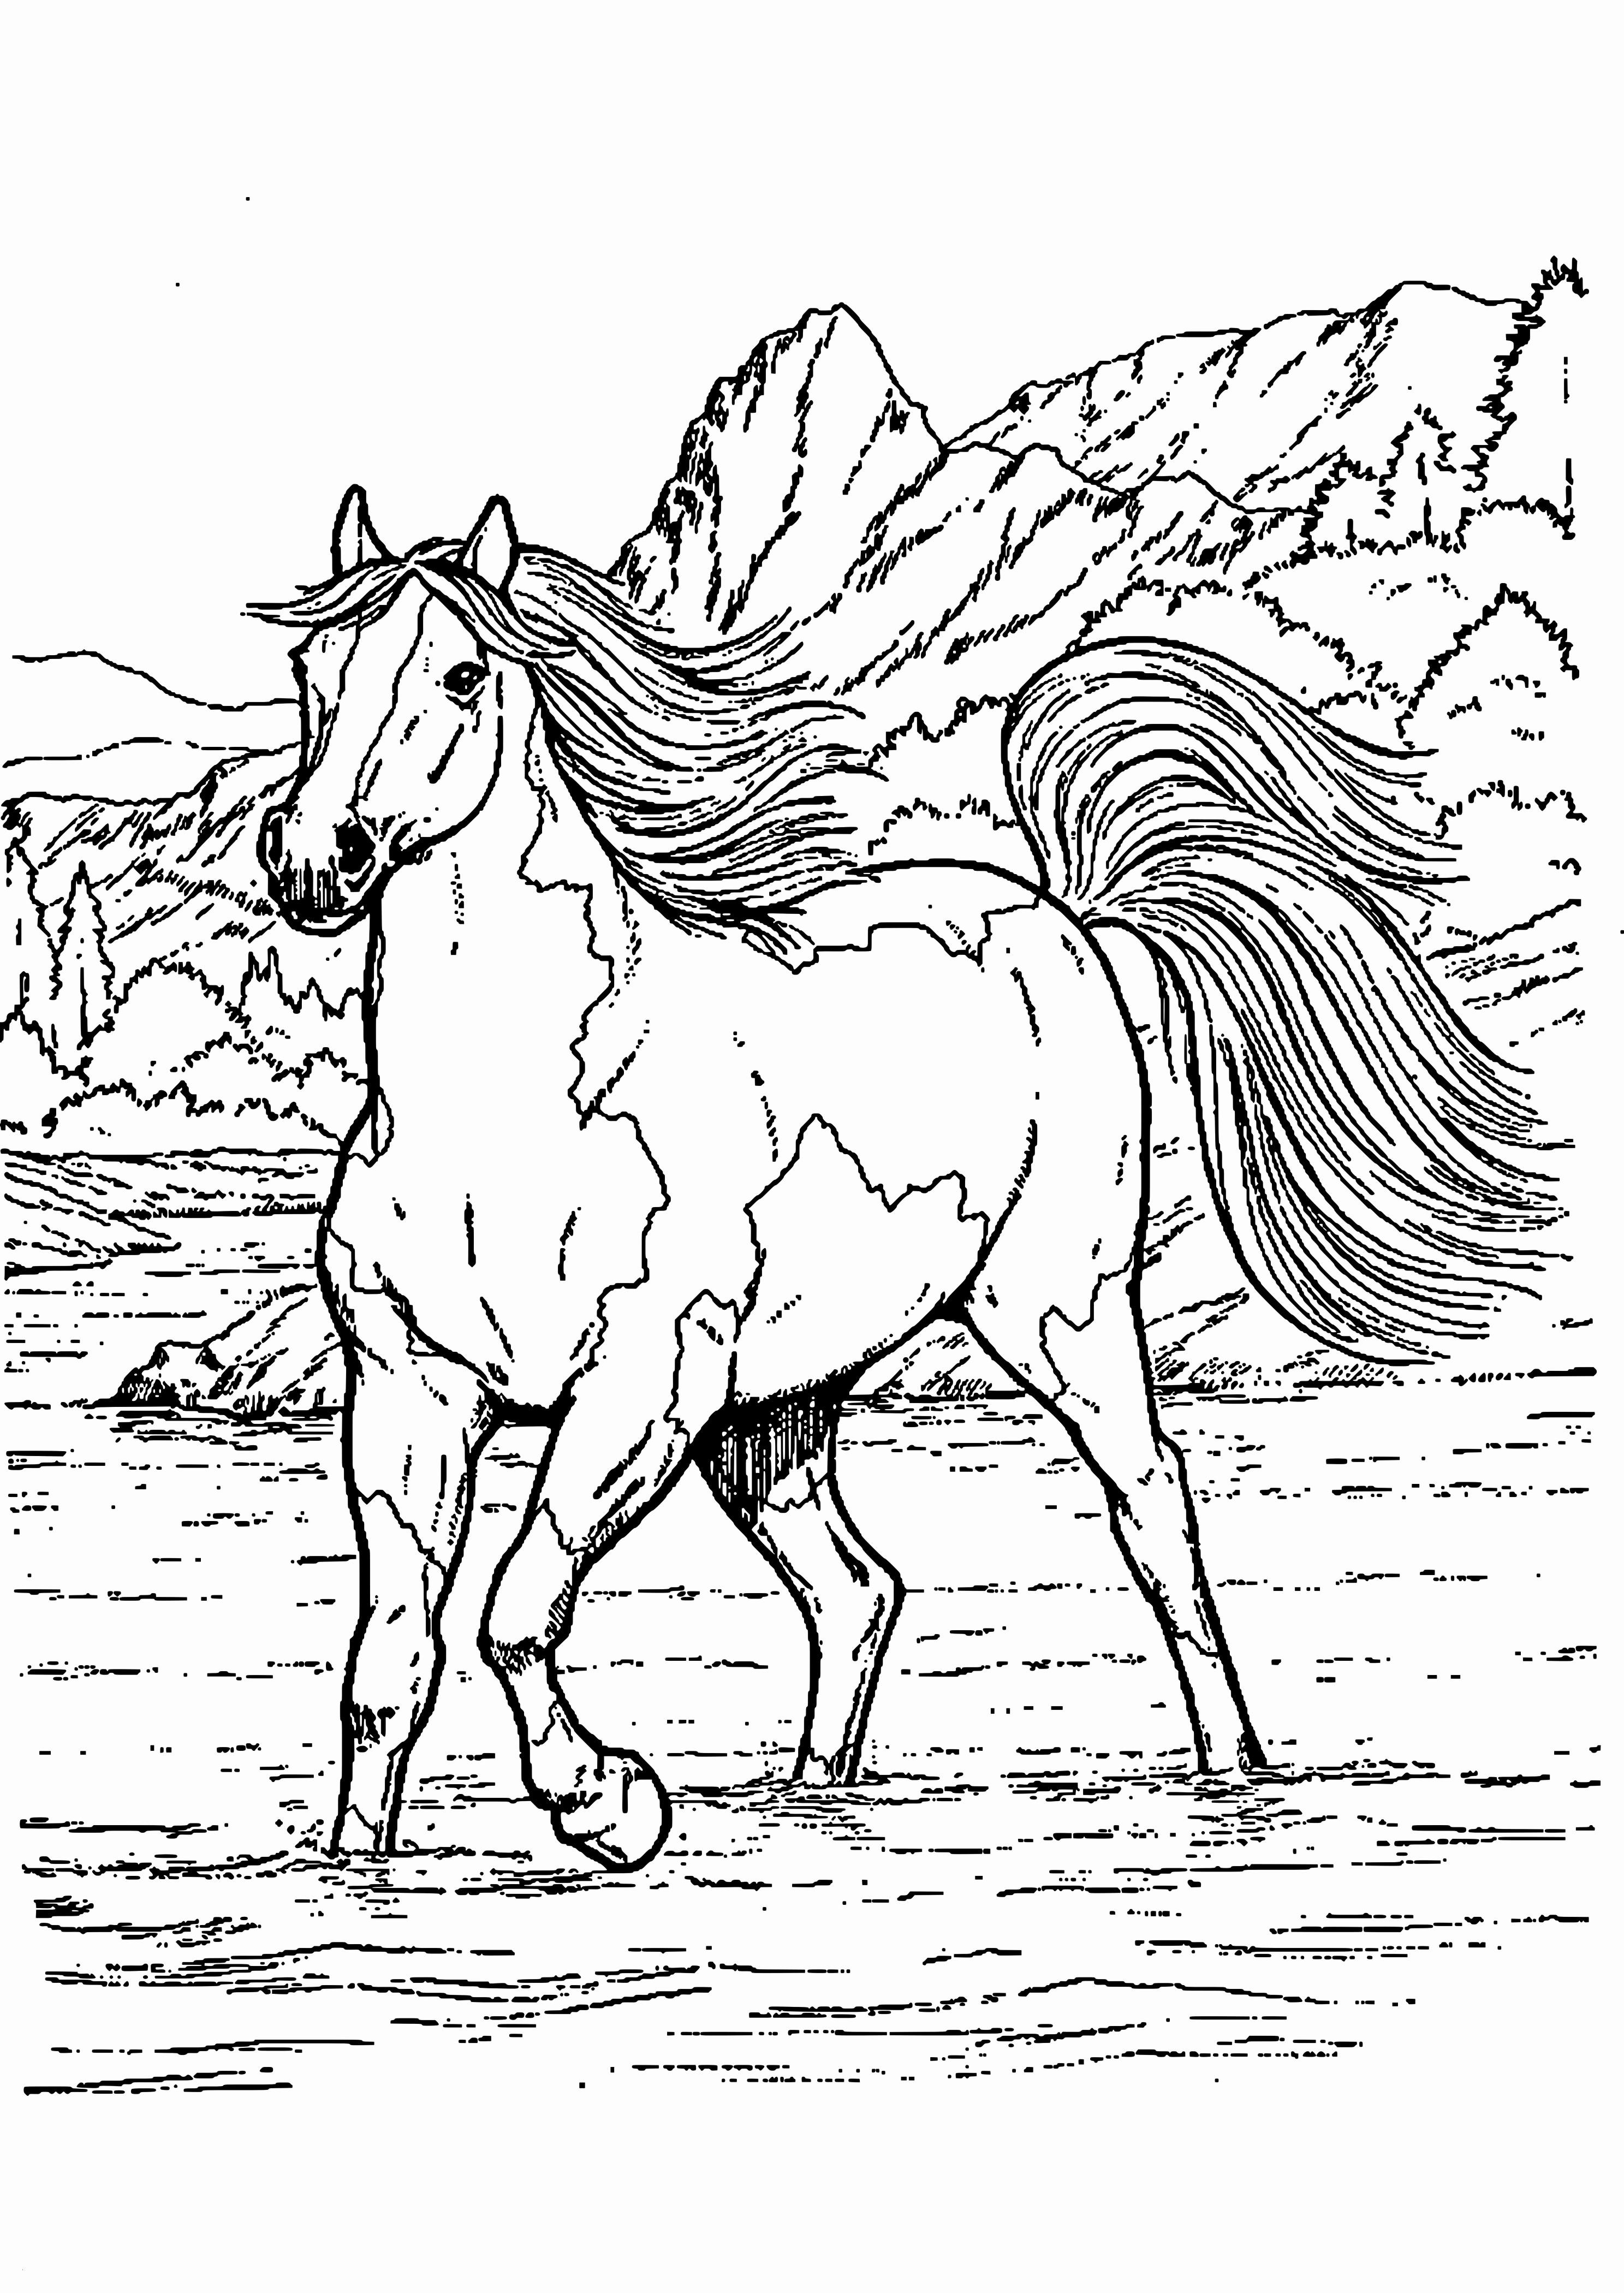 Malvorlagen Harry Potter Frisch Harry Potter Ausmalbilder élégant Malvorlagen Pferde Das Beste Von Fotos